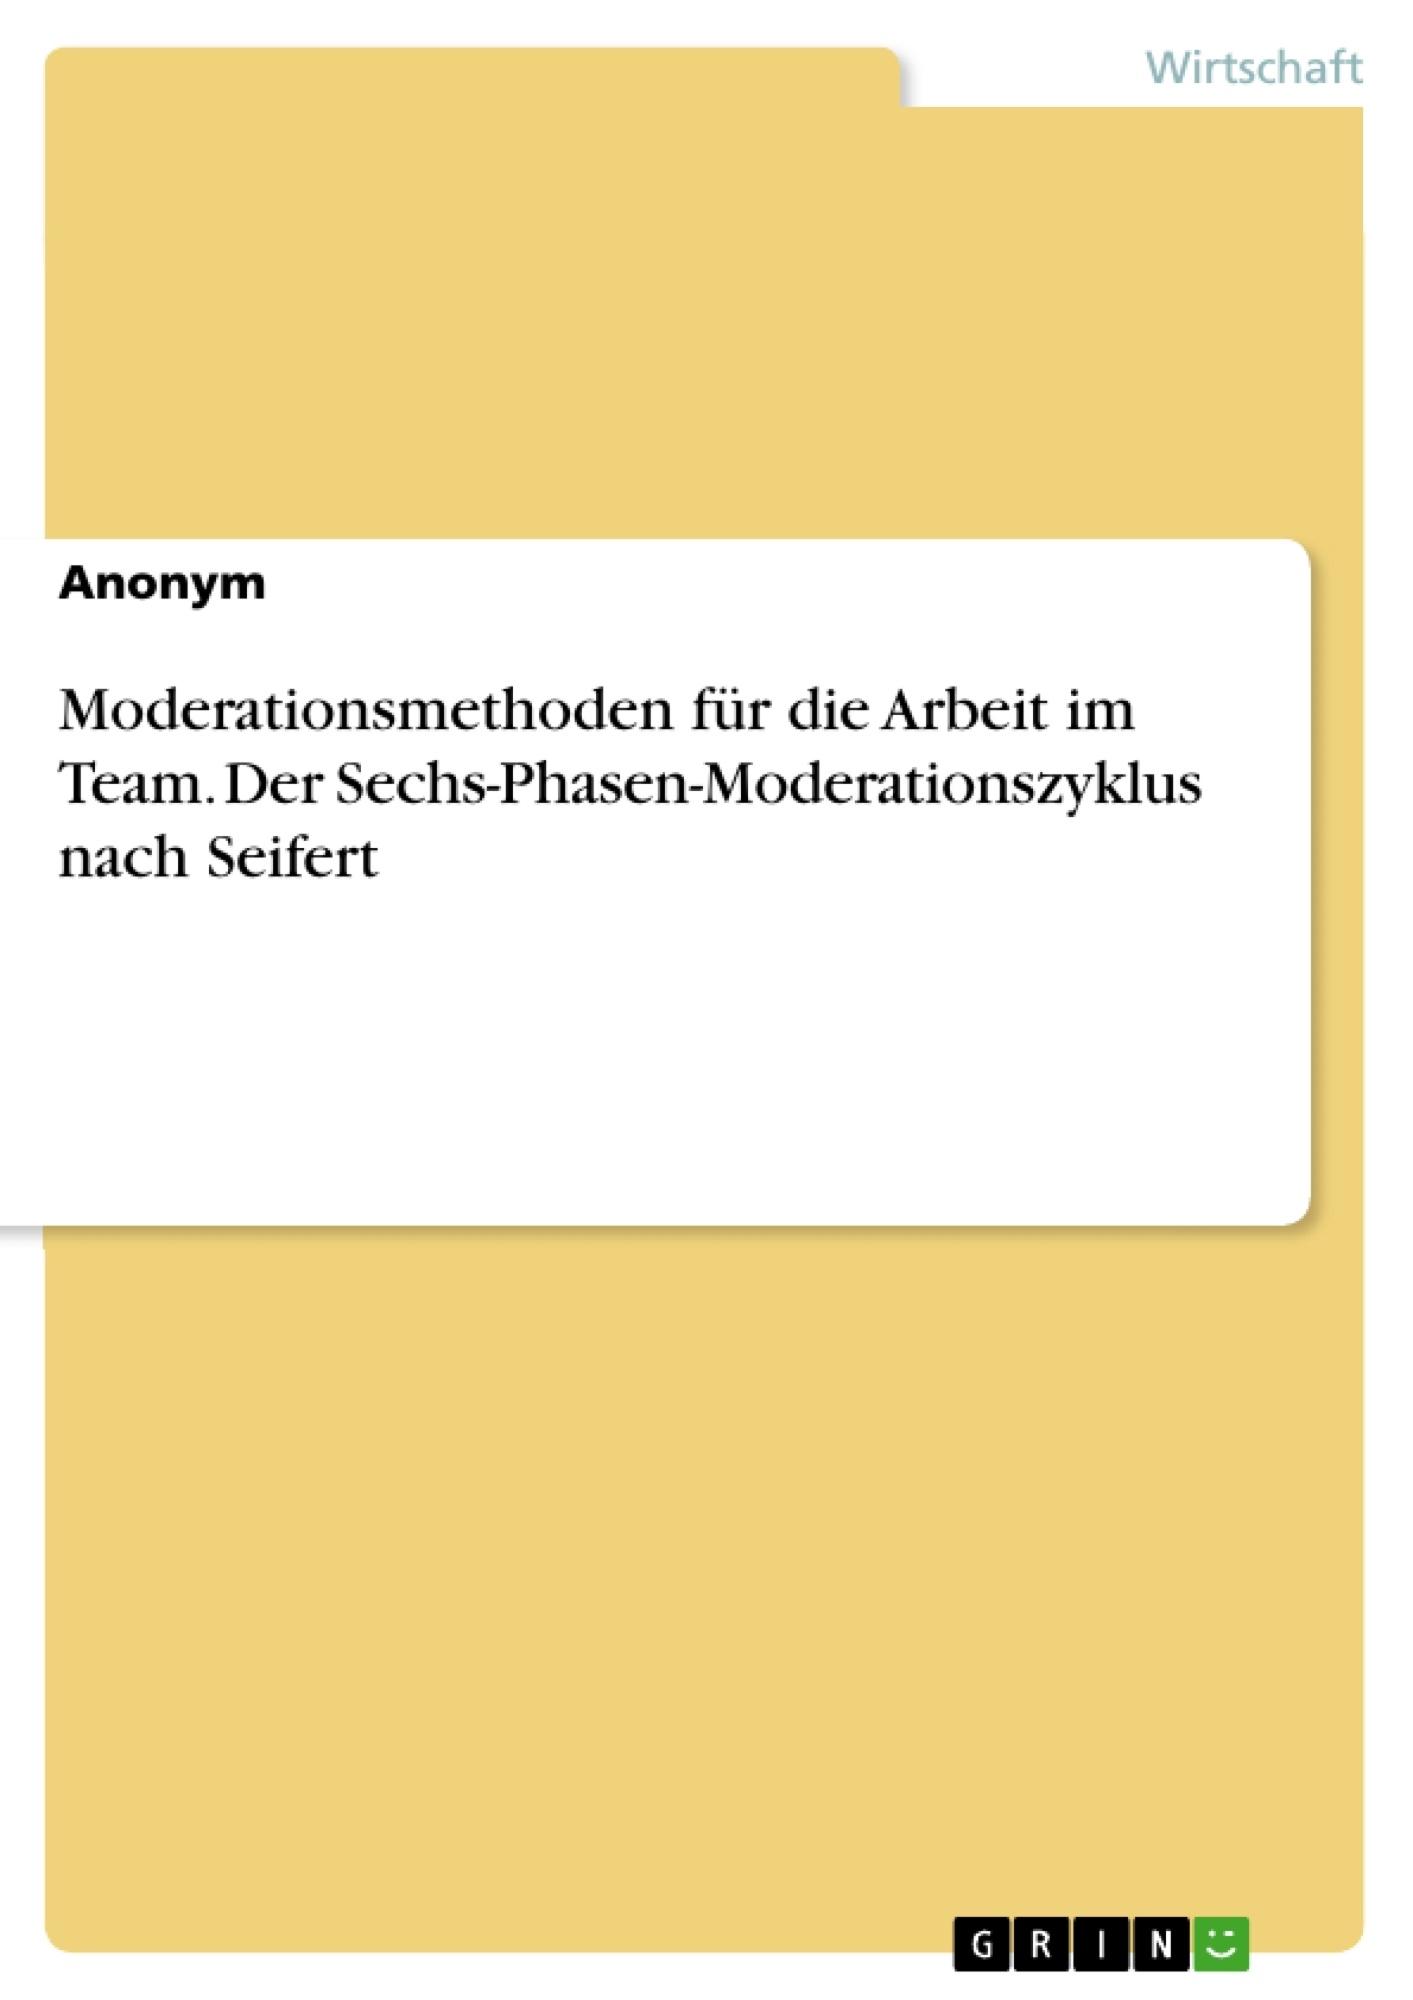 Titel: Moderationsmethoden für die Arbeit im Team. Der Sechs-Phasen-Moderationszyklus nach Seifert